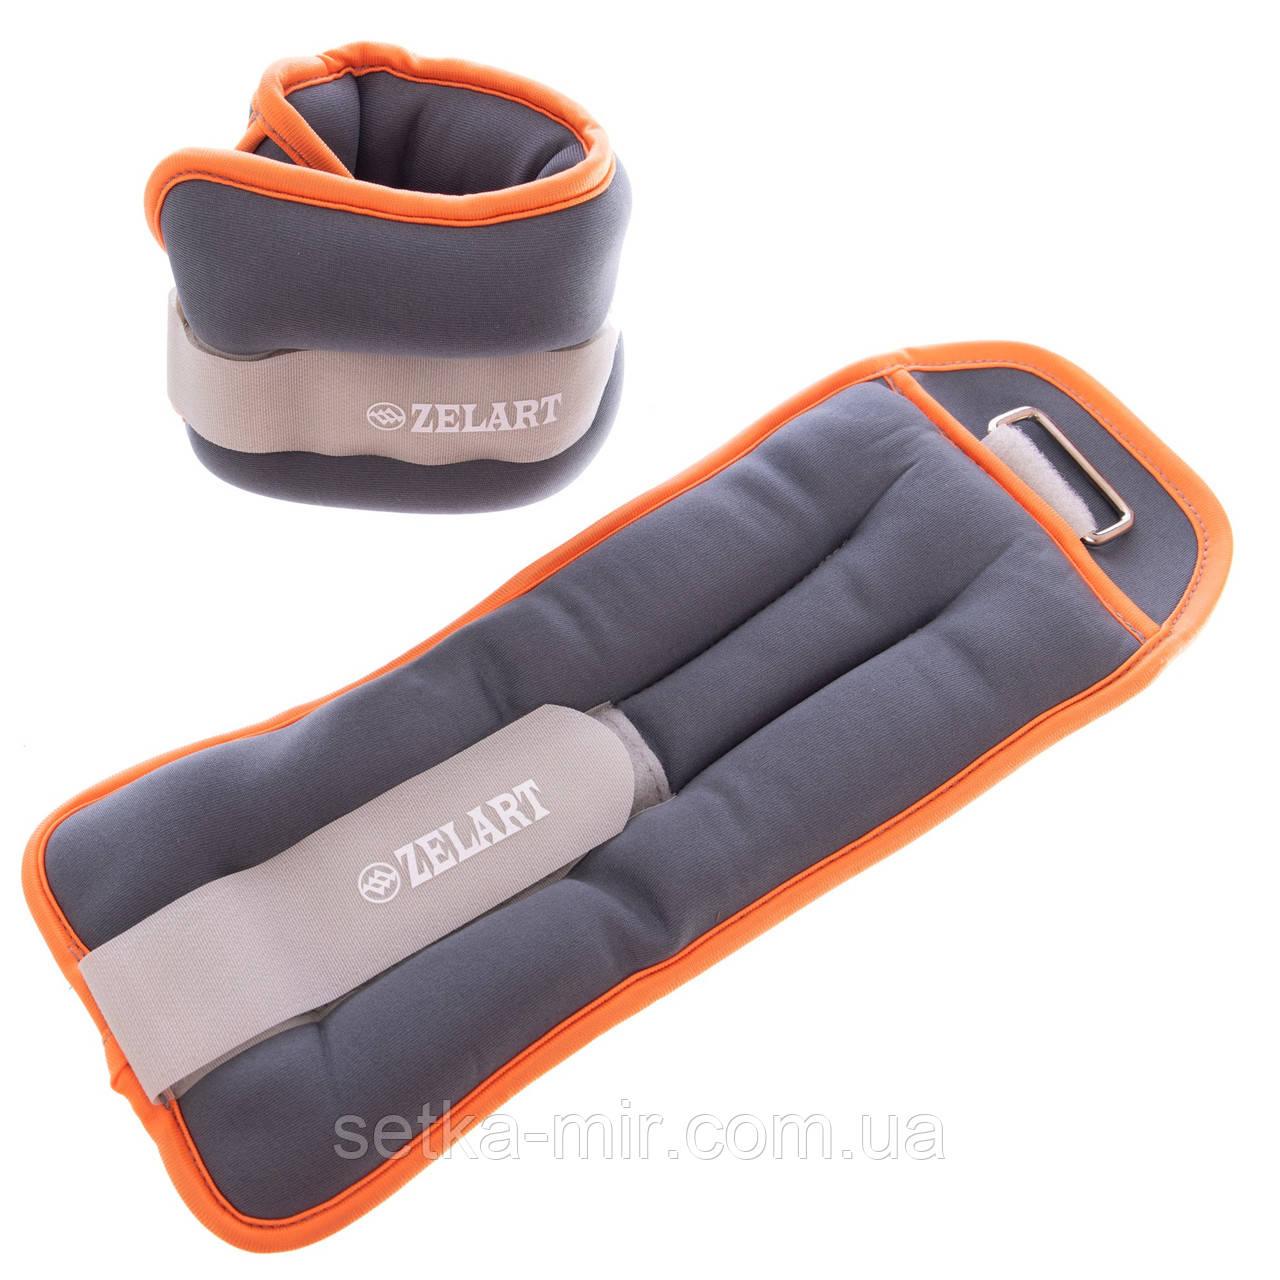 Утяжелители-манжеты для рук и ног Zelart FI-5733-4 (2x2кг), цвета в ассортименте